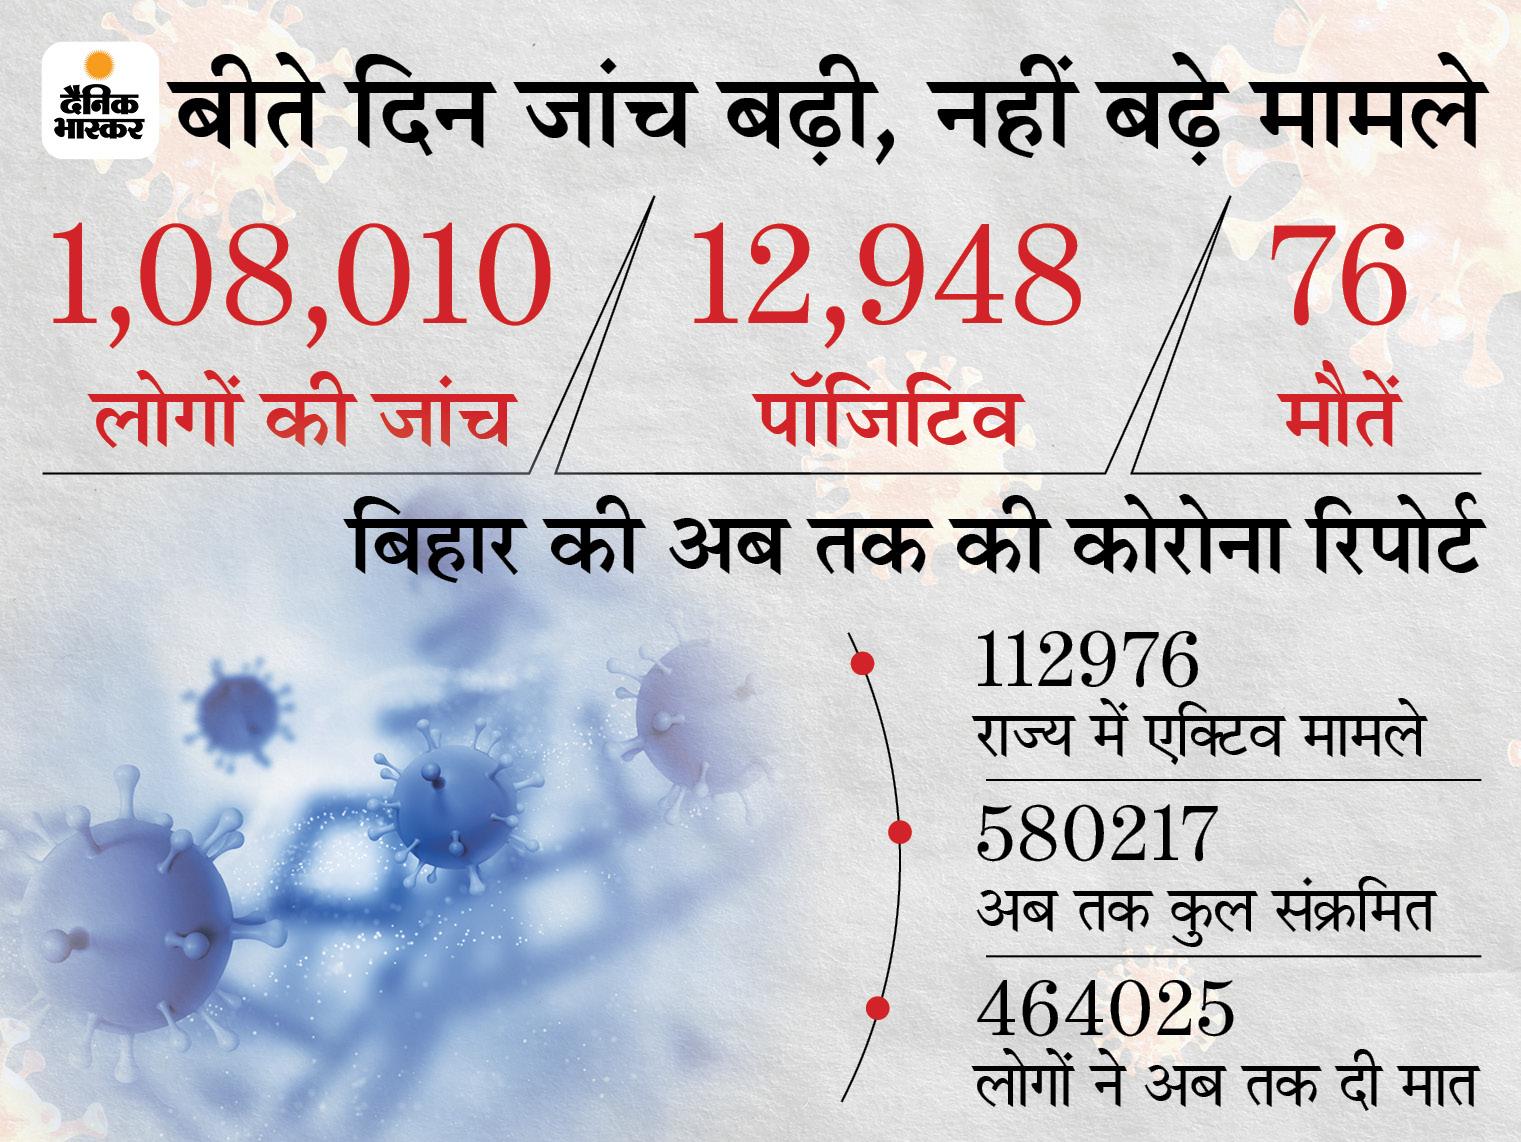 पटना में नहीं थम रहा कोरोना, बाकी जिलों में कम हो रहे मामले, प्रदेश में 108010 लोगों की जांच में सबसे ज्यादा राजधानी में 2498 पॉजिटिव मिले|बिहार,Bihar - Dainik Bhaskar